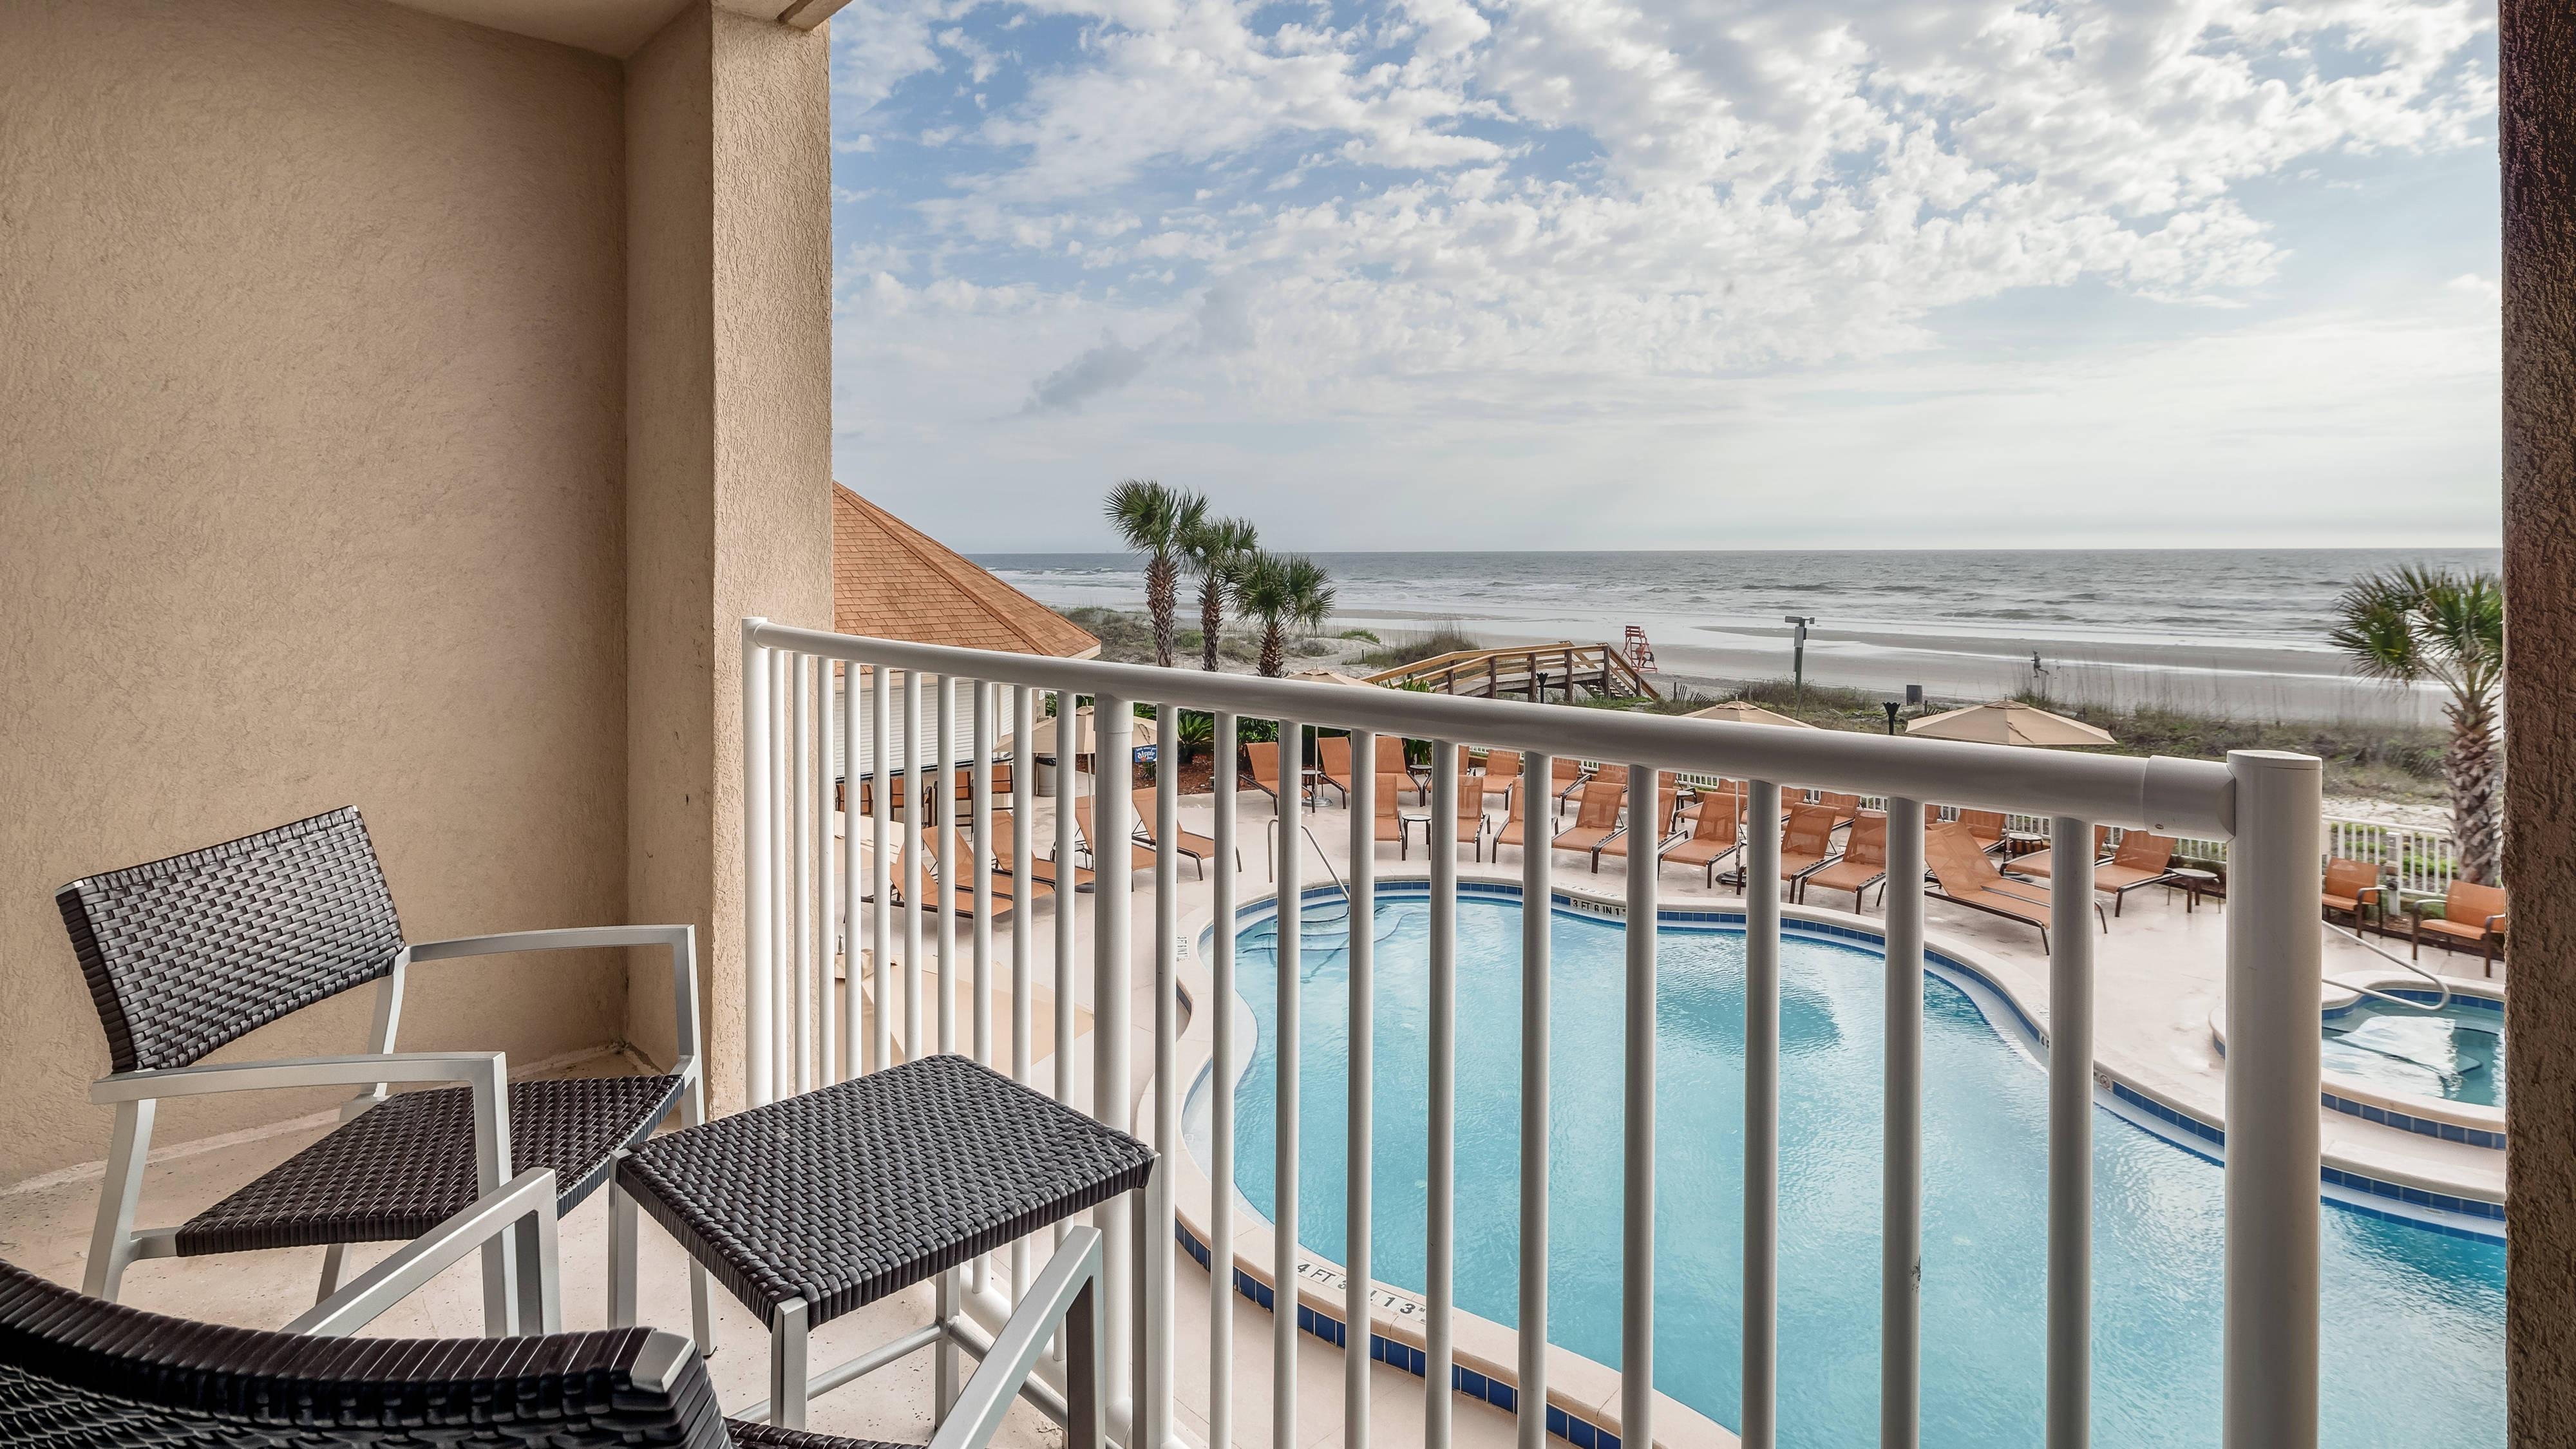 Oceanfront Hotel Jacksonville Beach